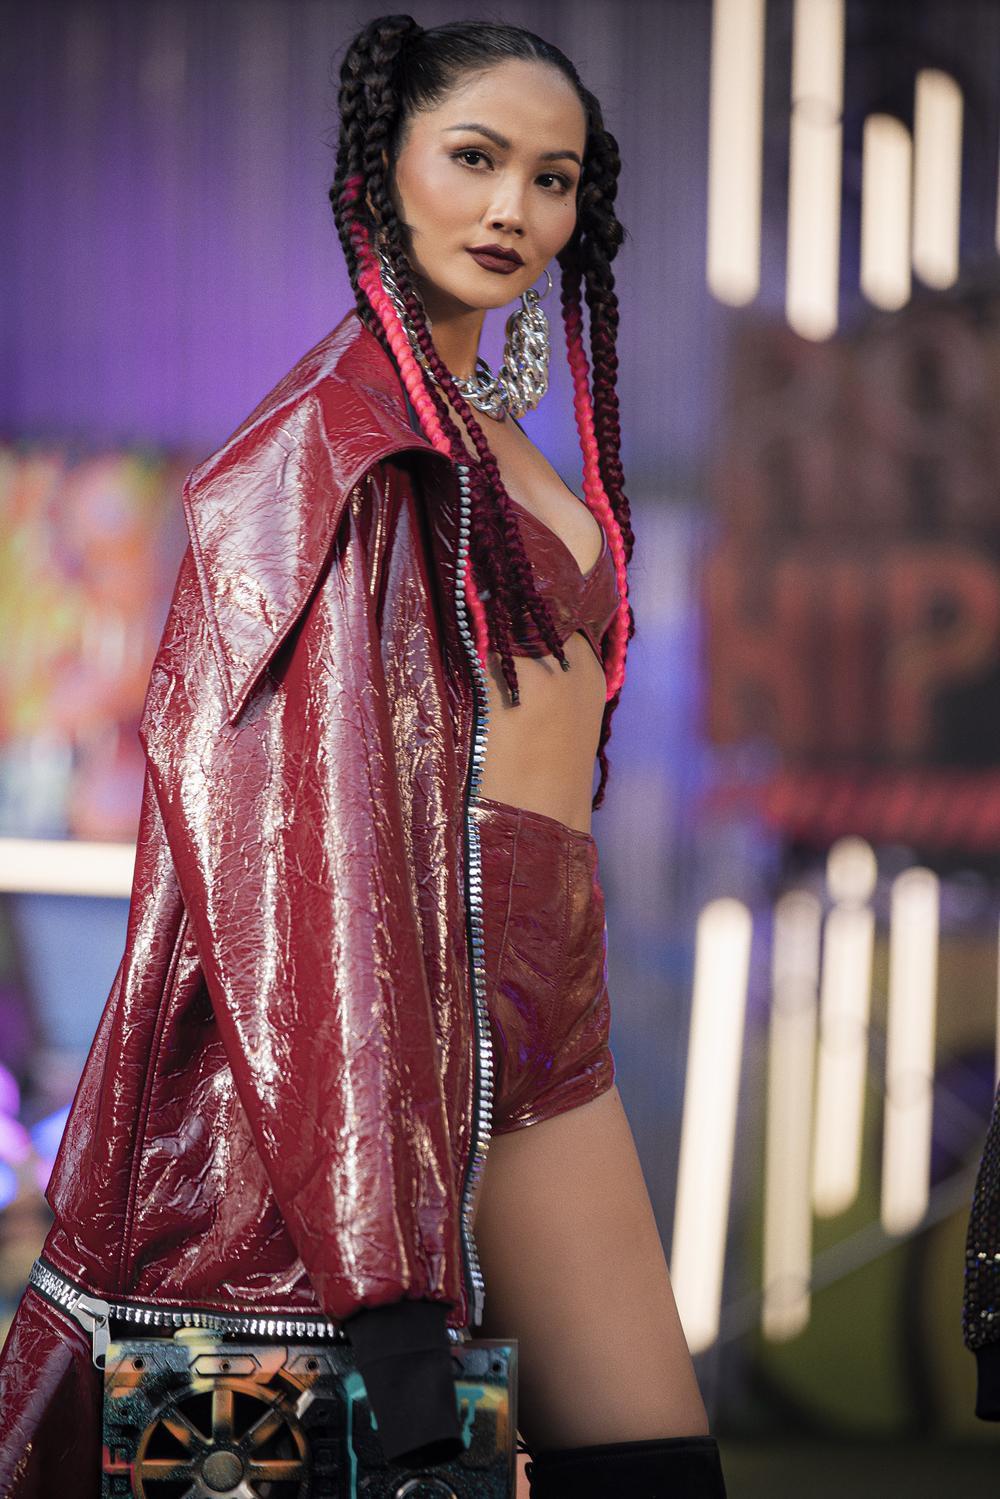 H'Hen Niê tái xuất sàn diễn thời trang, nổi loạn với phong cách Hip Hop Ảnh 6